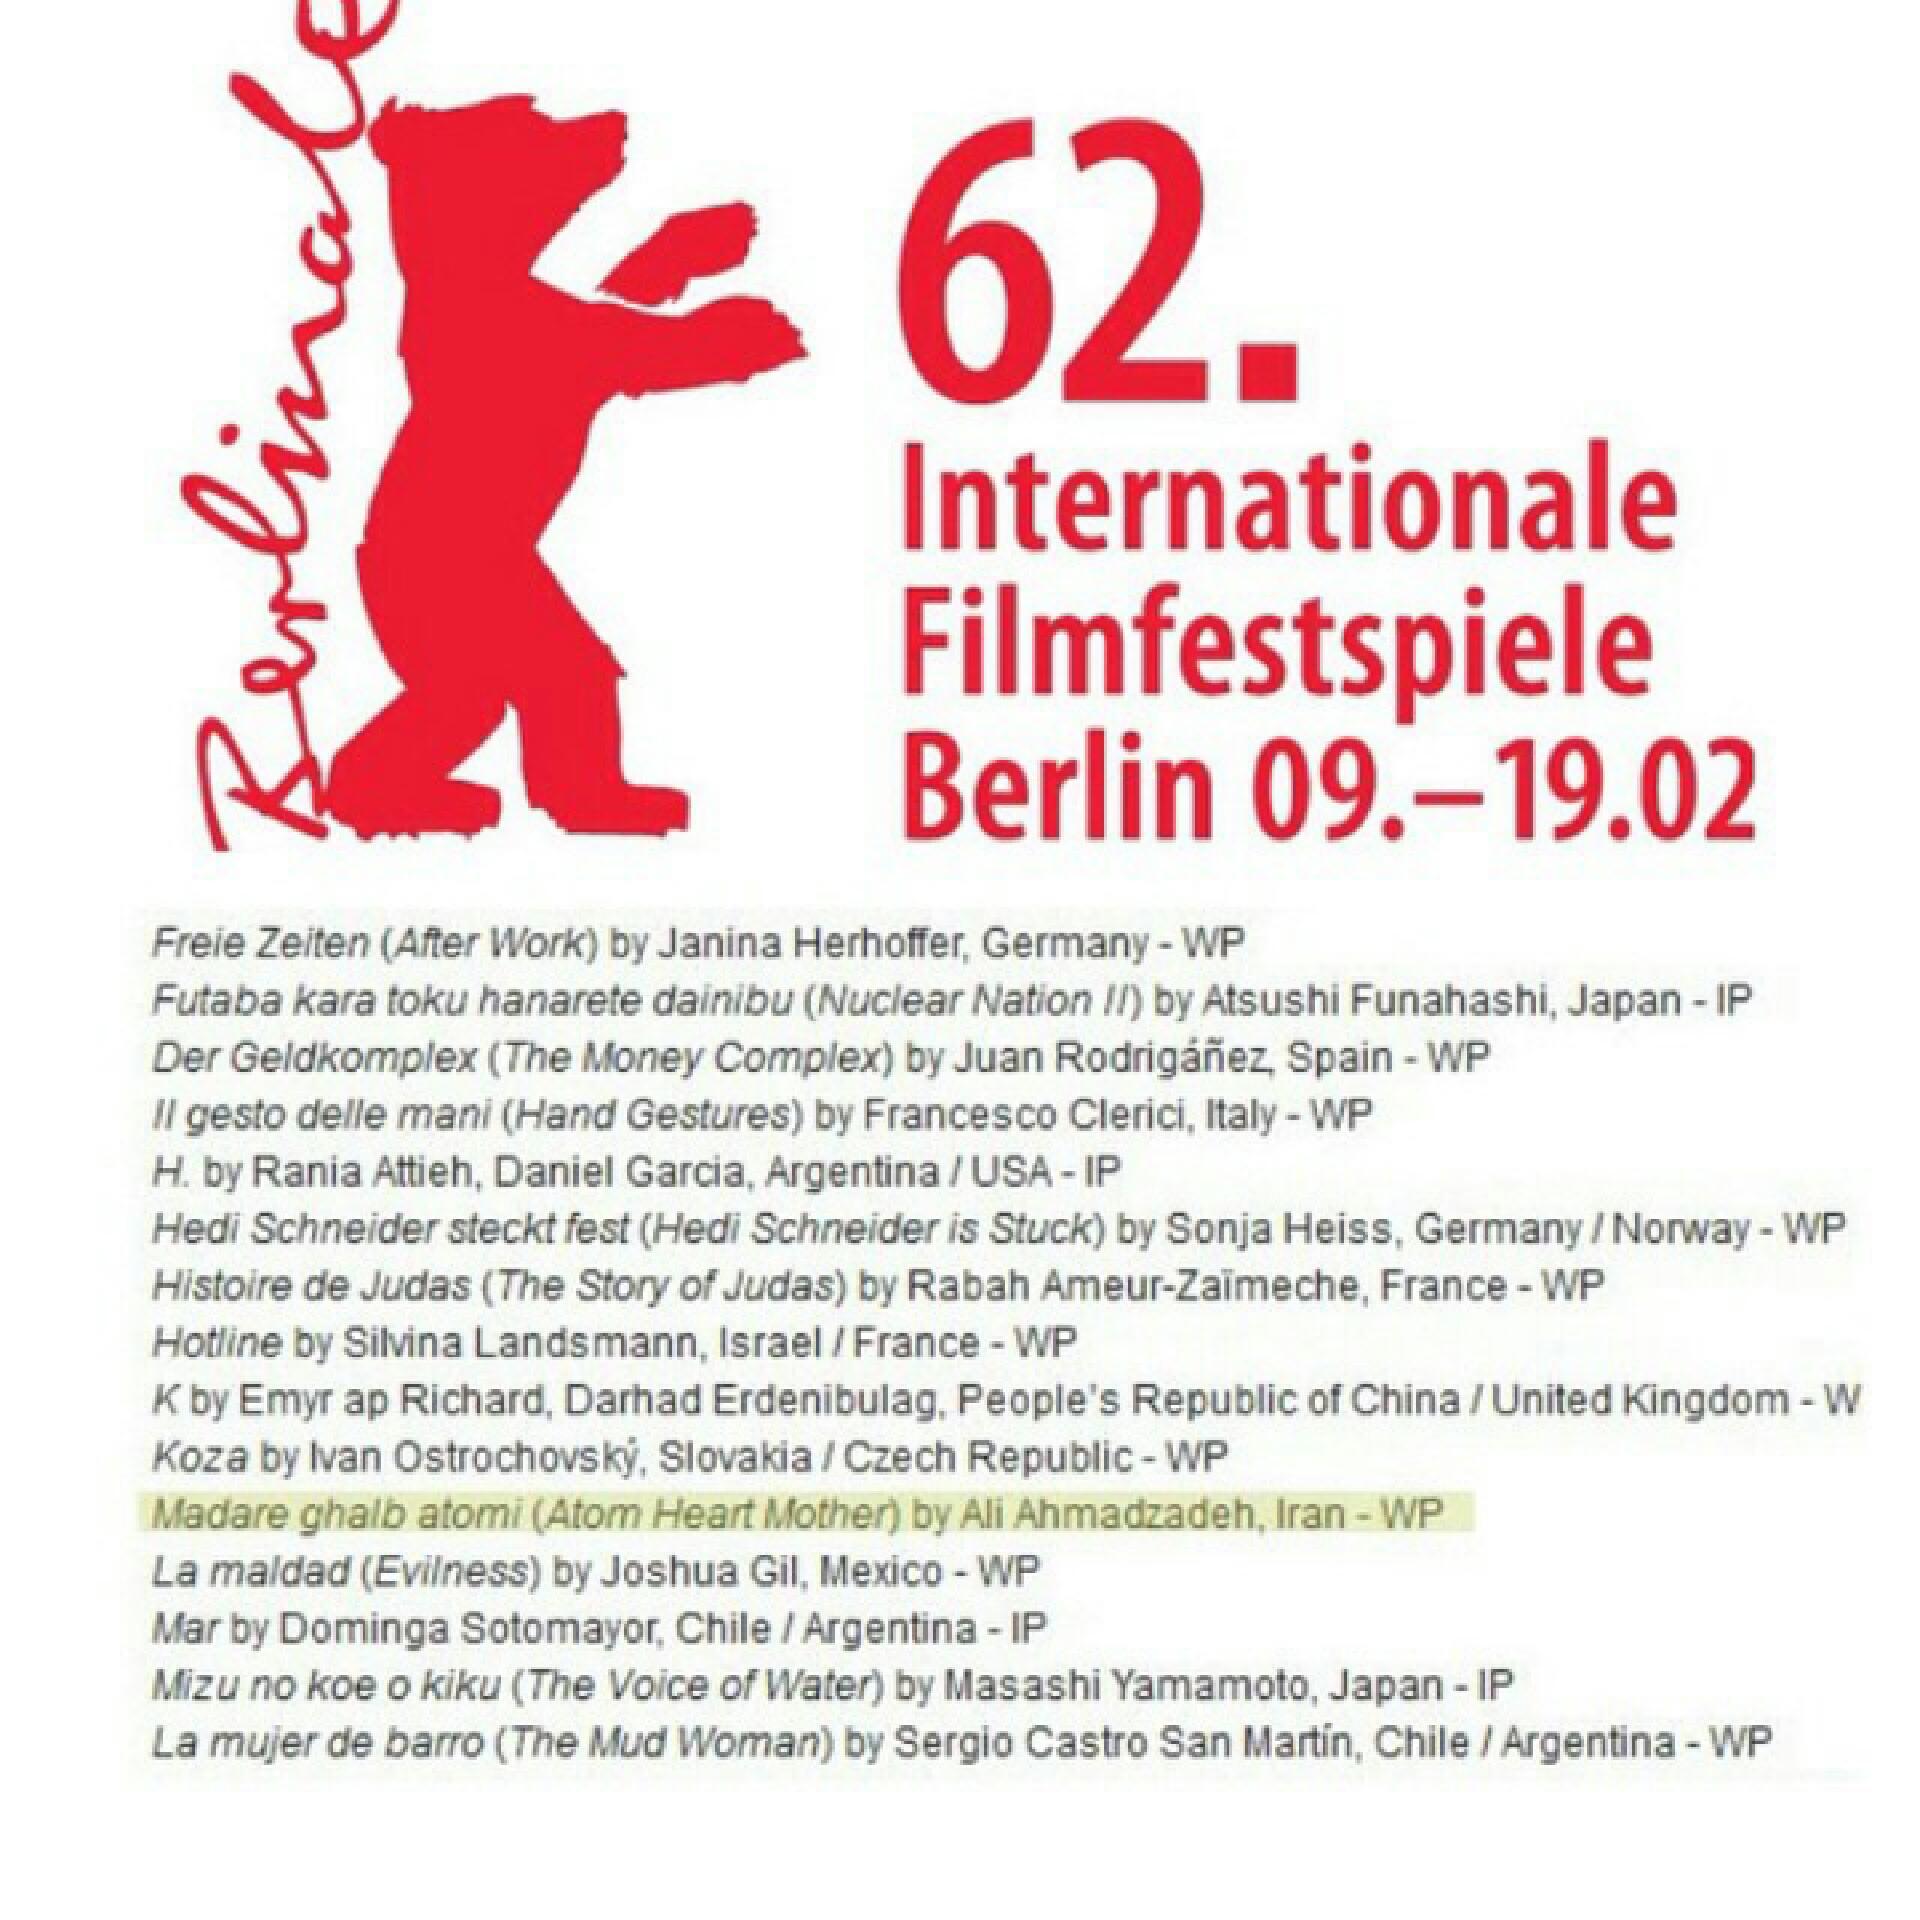 حضور فیلم مادر قلب اتمی در جشنواره برلین